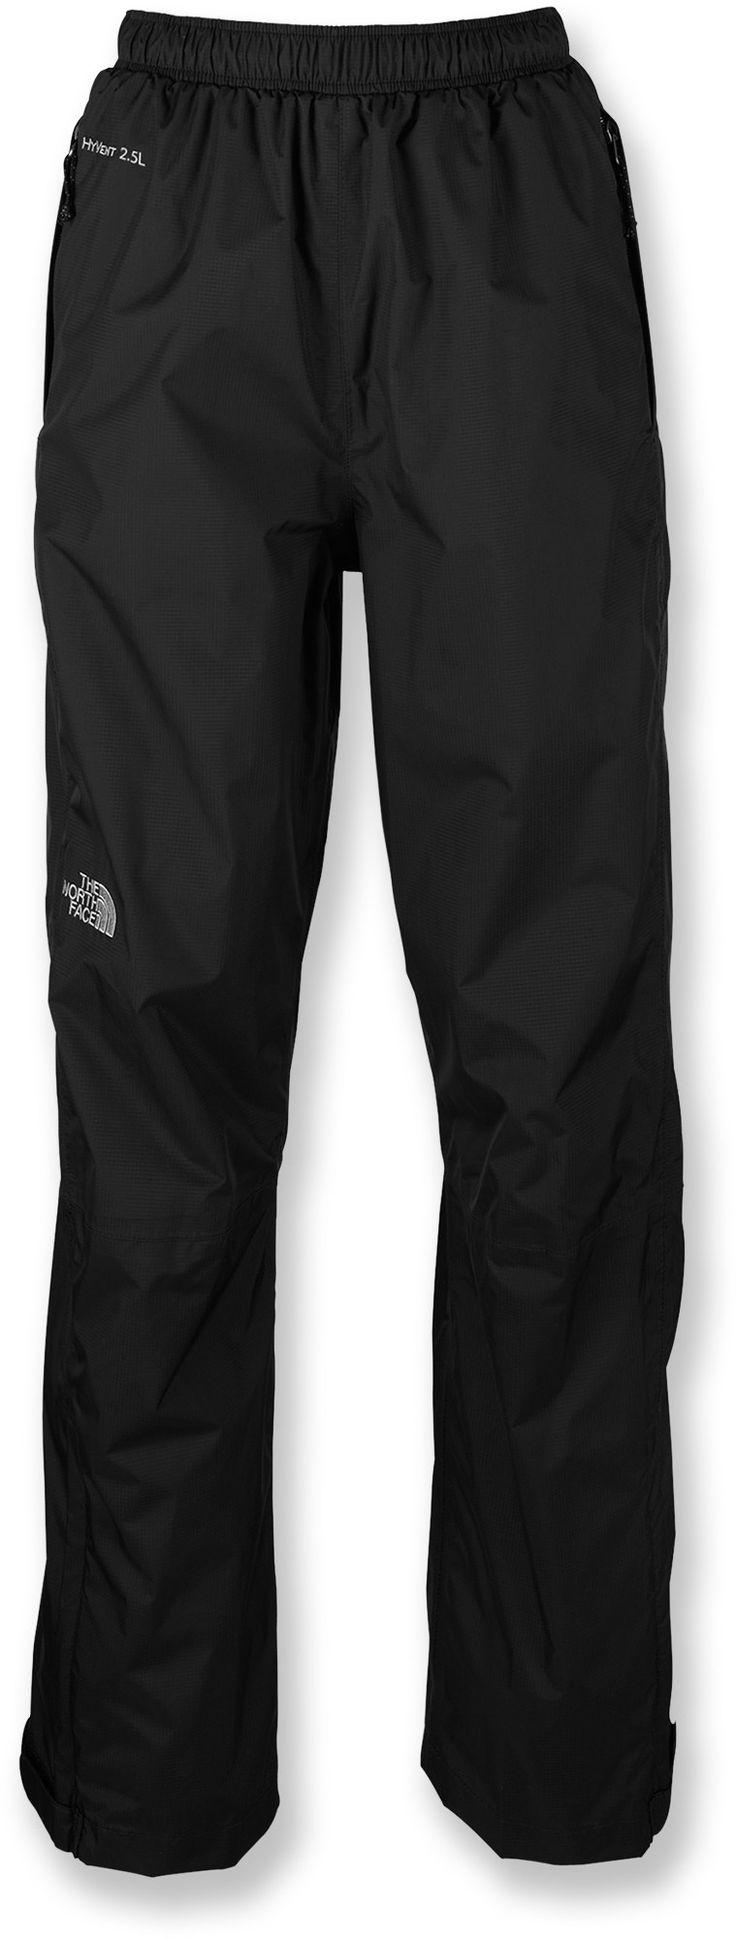 The North Face Venture Rain Pants - Women's